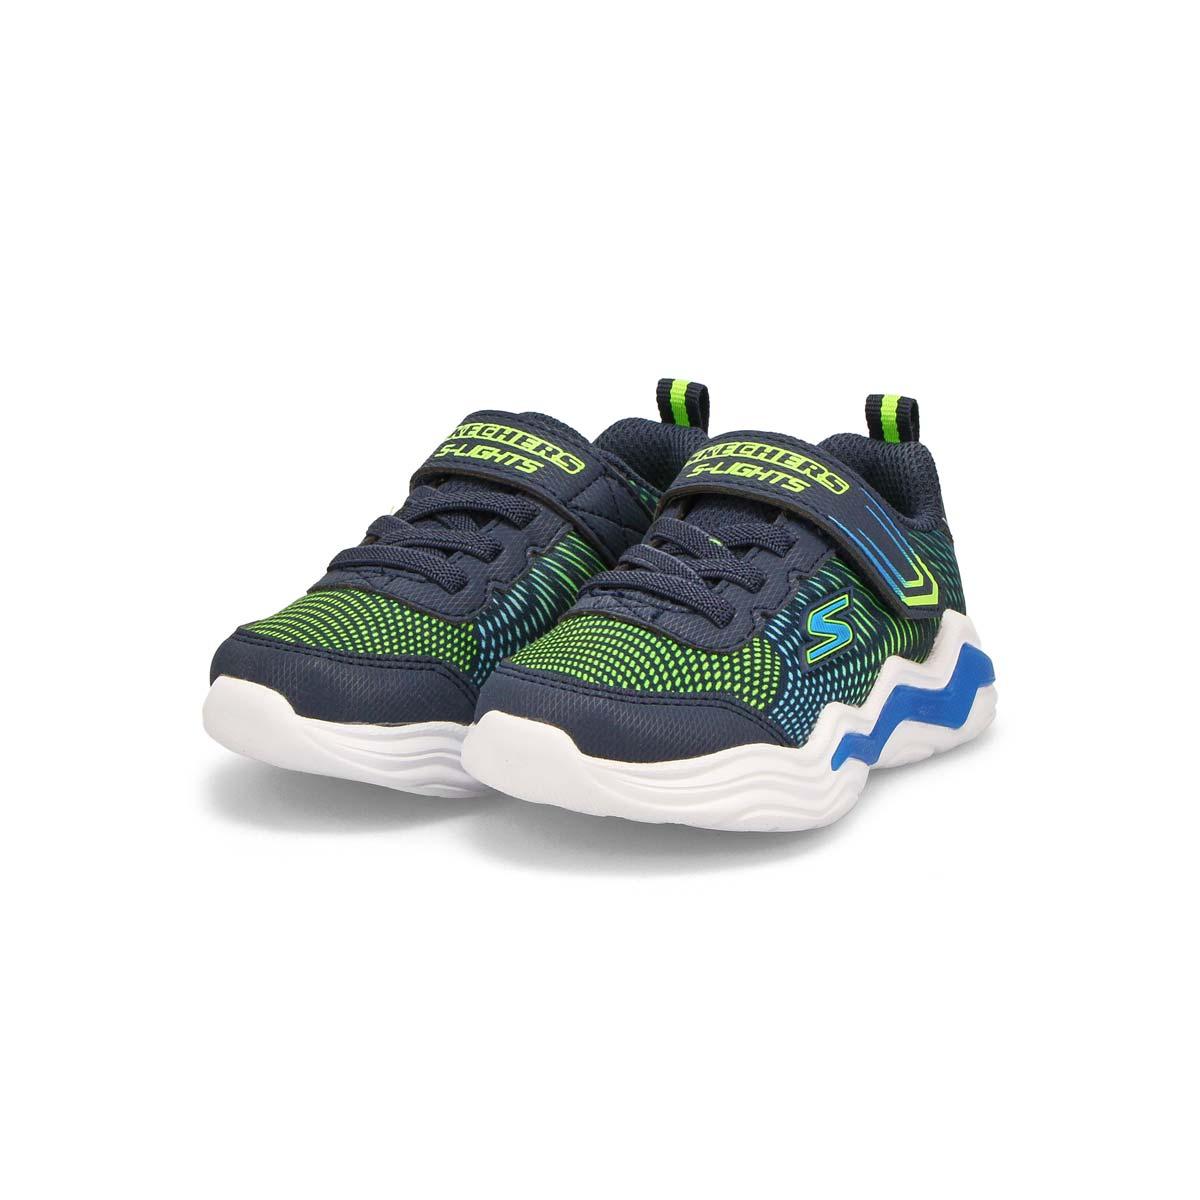 Infants' Erupters IV light up sneaker - Navy/Lime